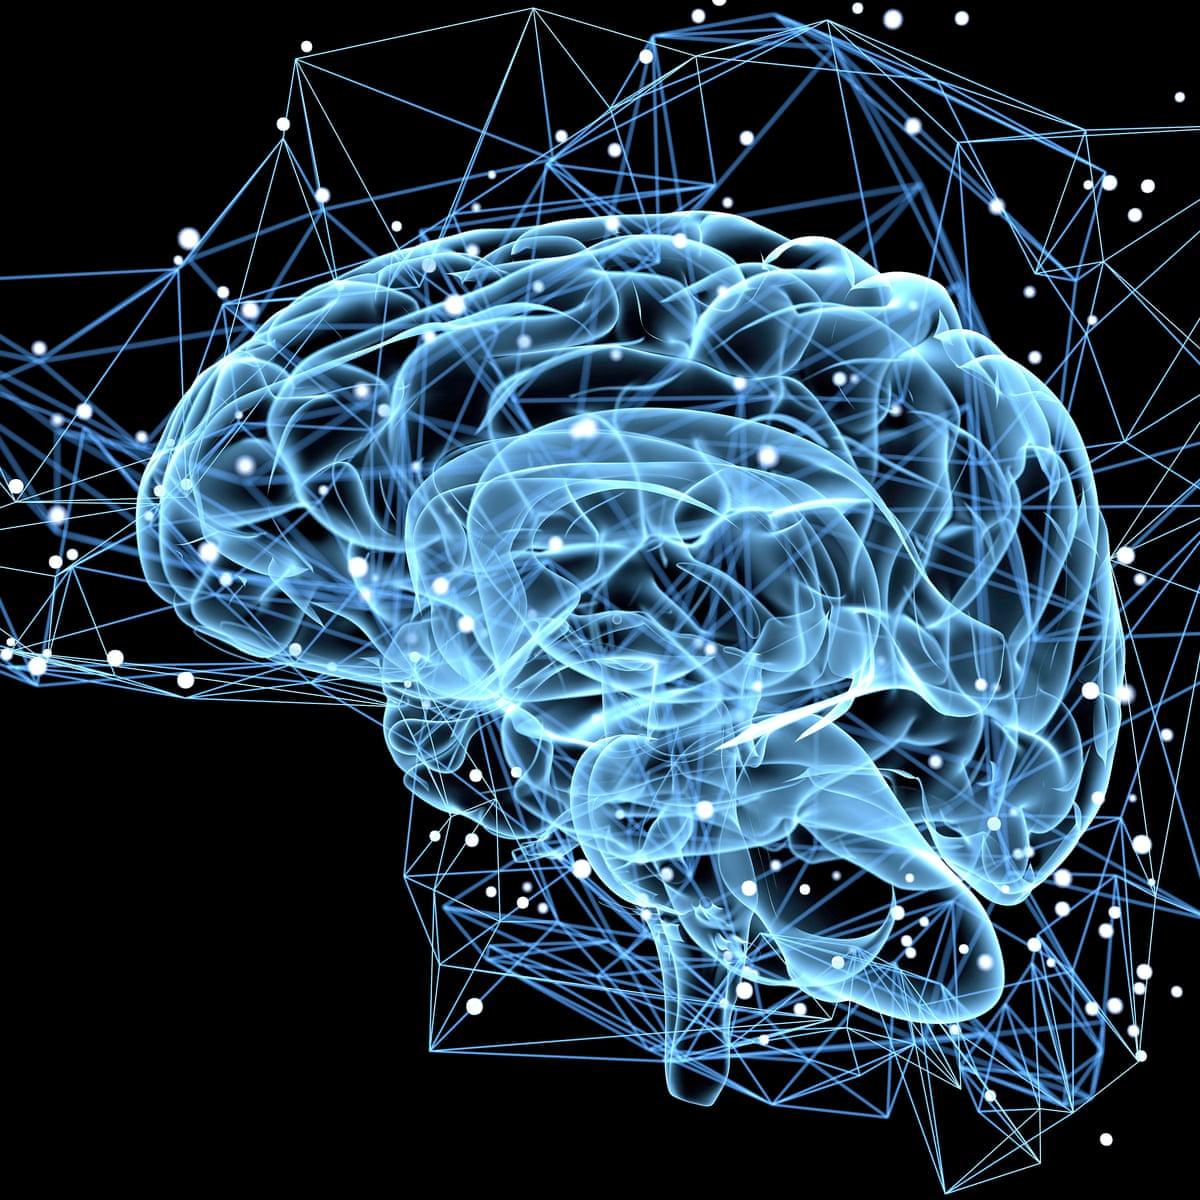 天啟後大腦會像0~6歲小朋友一樣大腦神經元不斷地生長連結